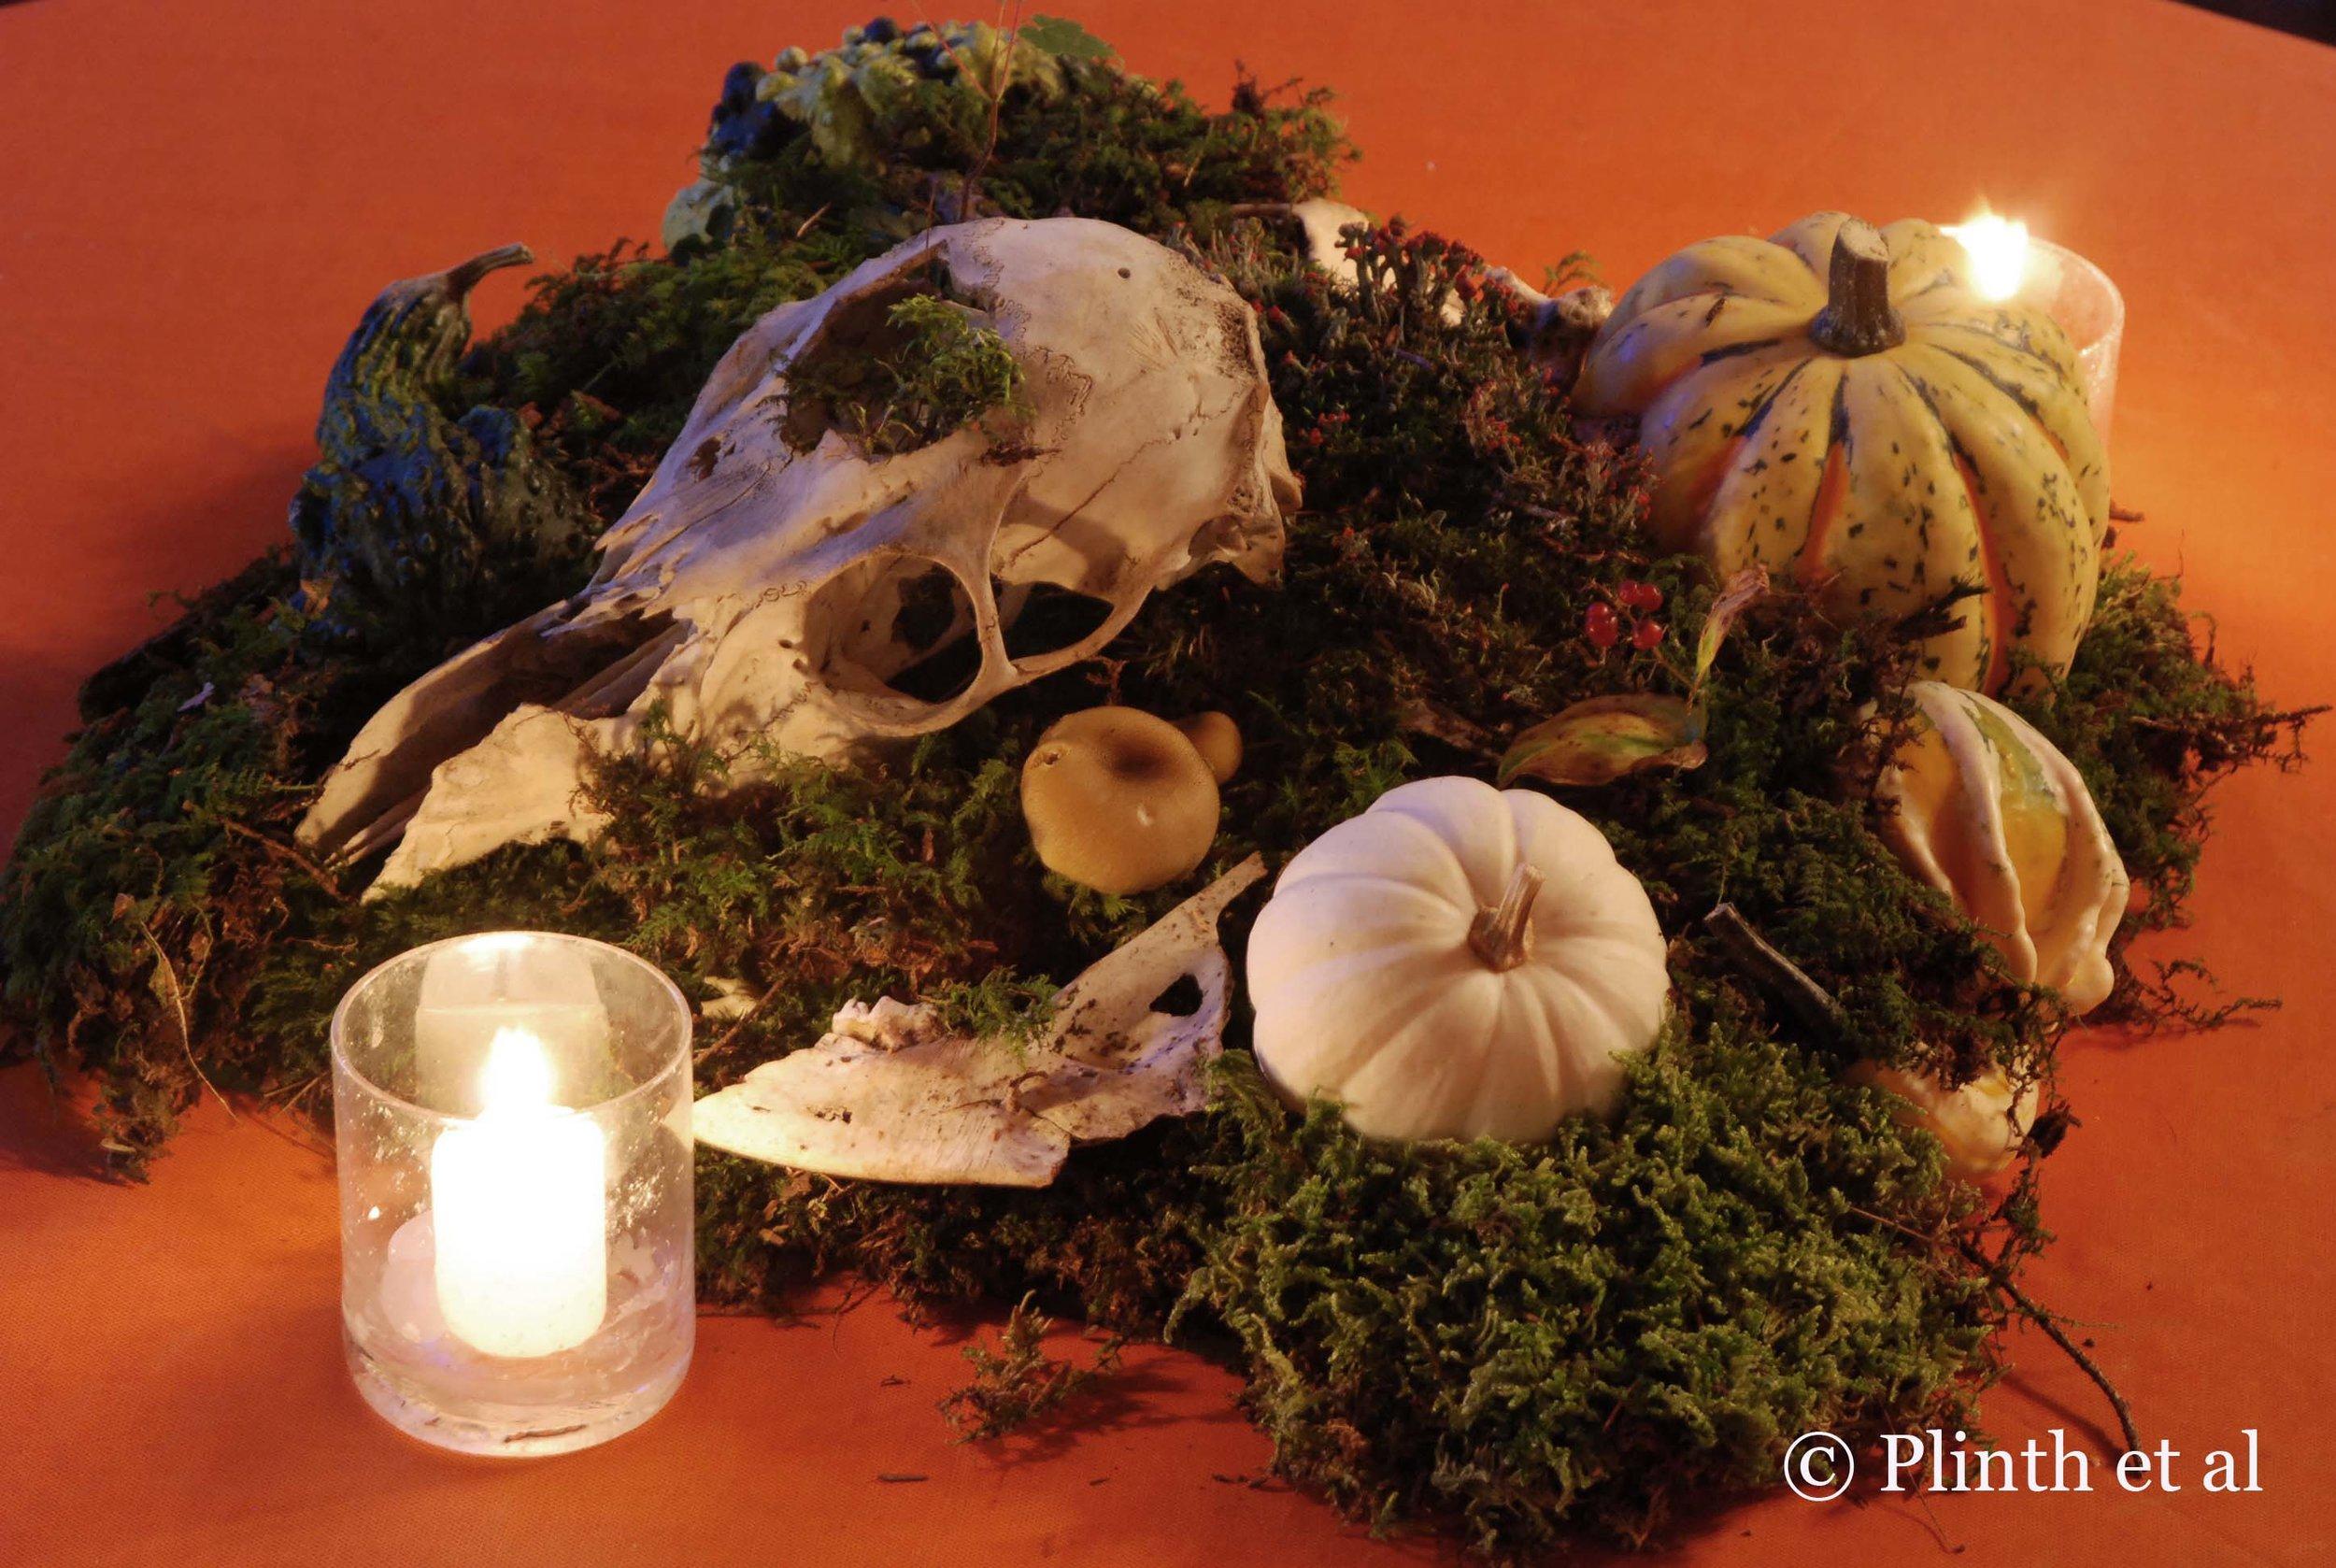 skull_tableau_lit_at_night.jpg